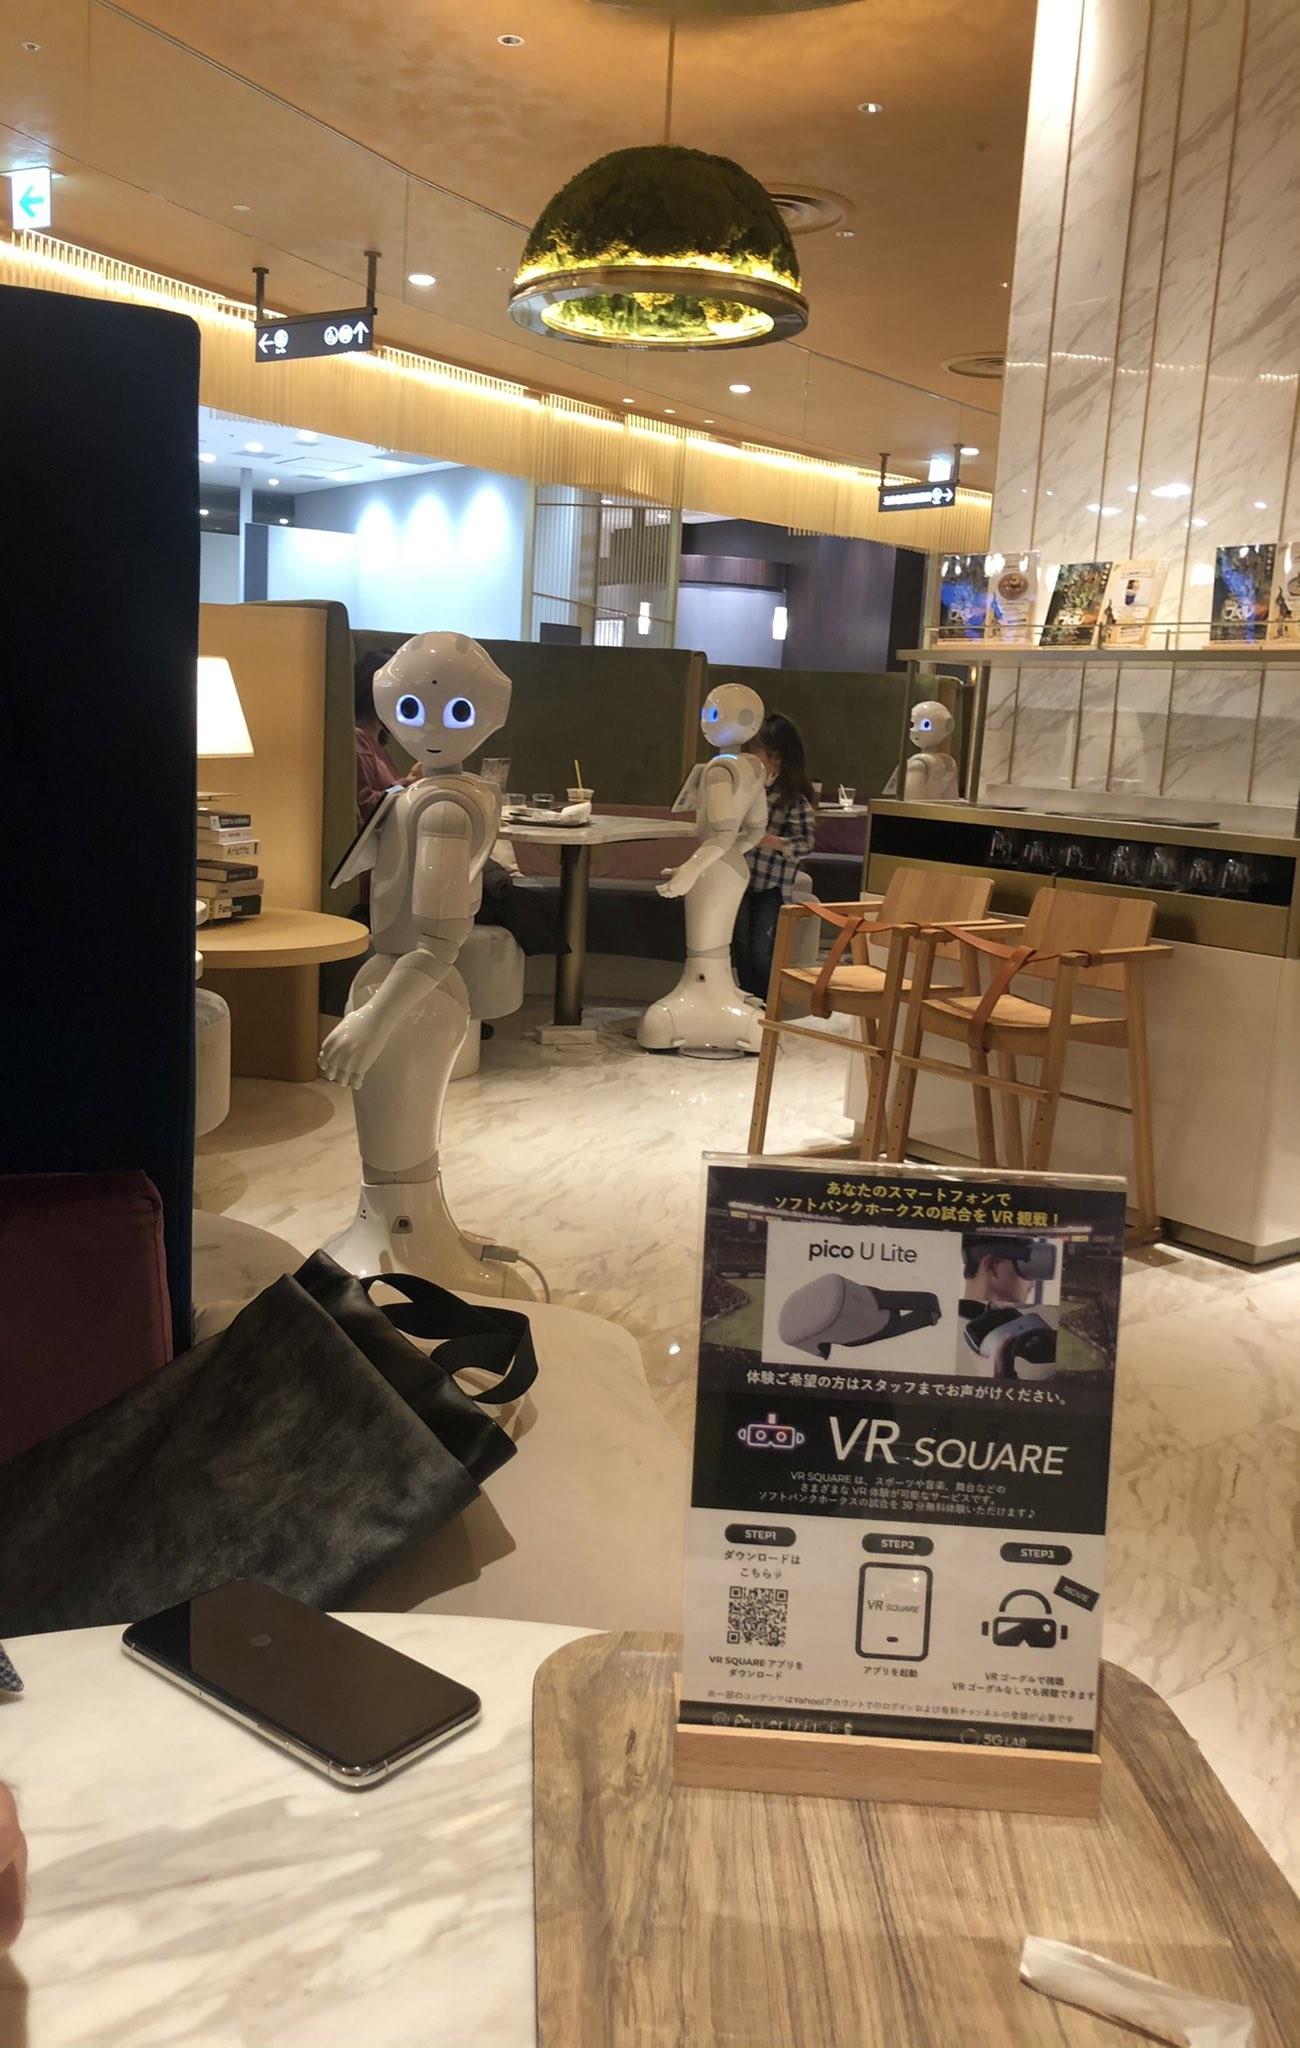 ▲▼ 機器人 。(圖/翻攝自Twitter/@sahoobb)